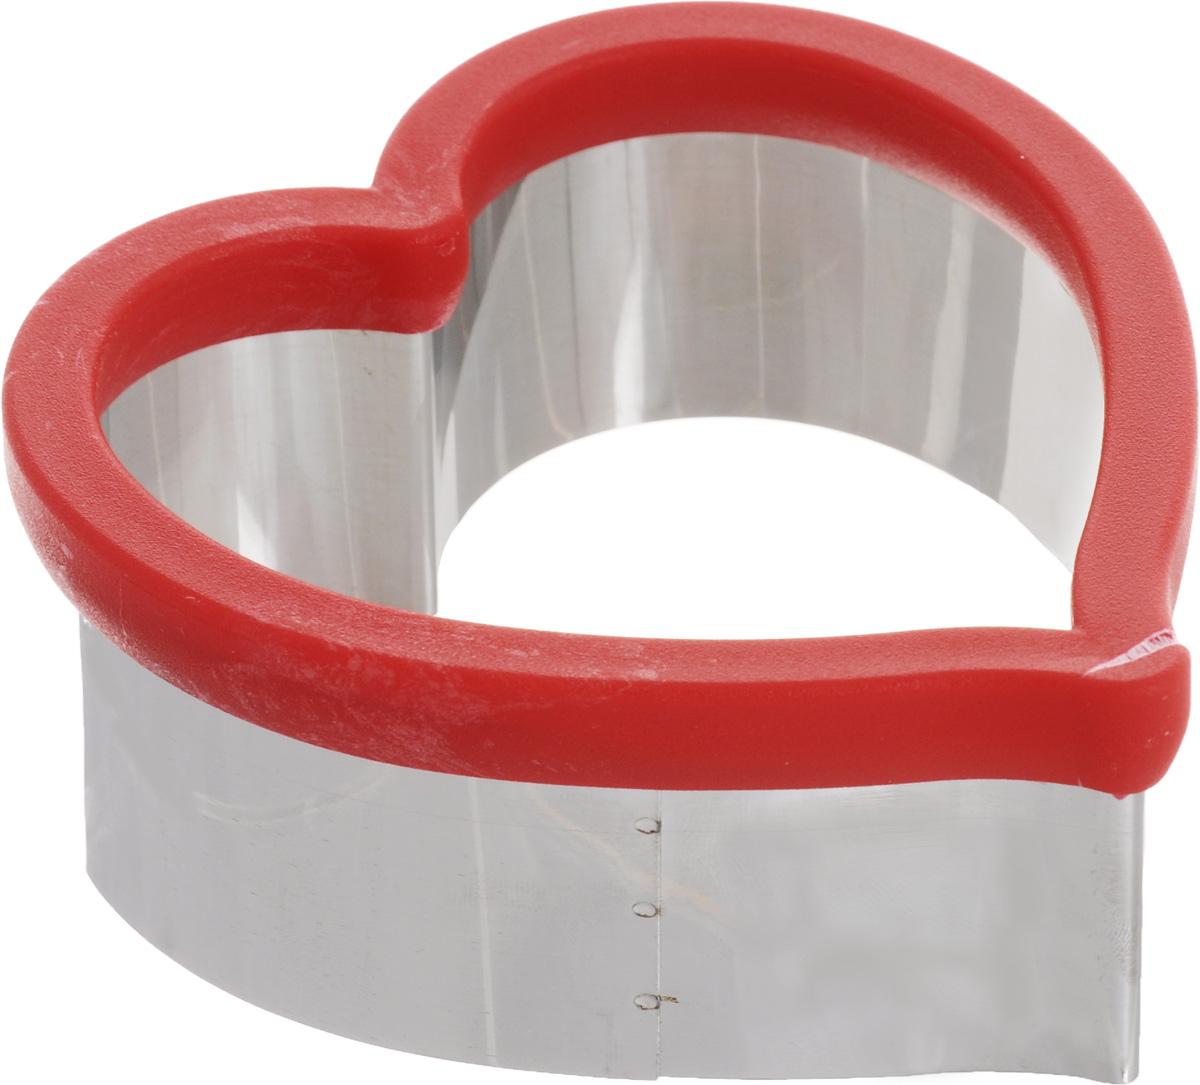 Форма для вырезания печенья Mayer & Boch Сердце, 11 х 10 см24004Форма для вырезания печенья Mayer & Boch Сердце будет отличным выбором для всех любителей выпечки. Изделие выполнено из нержавеющей стали и пластика. Специальная насадка на формочке защитит ваши руки при вырезании теста. С такой формой вы всегда сможете порадовать своих близких оригинальной выпечкой. Можно мыть в посудомоечной машине. Размер: 11 х 10 см. Высота стенок: 4,5 см.